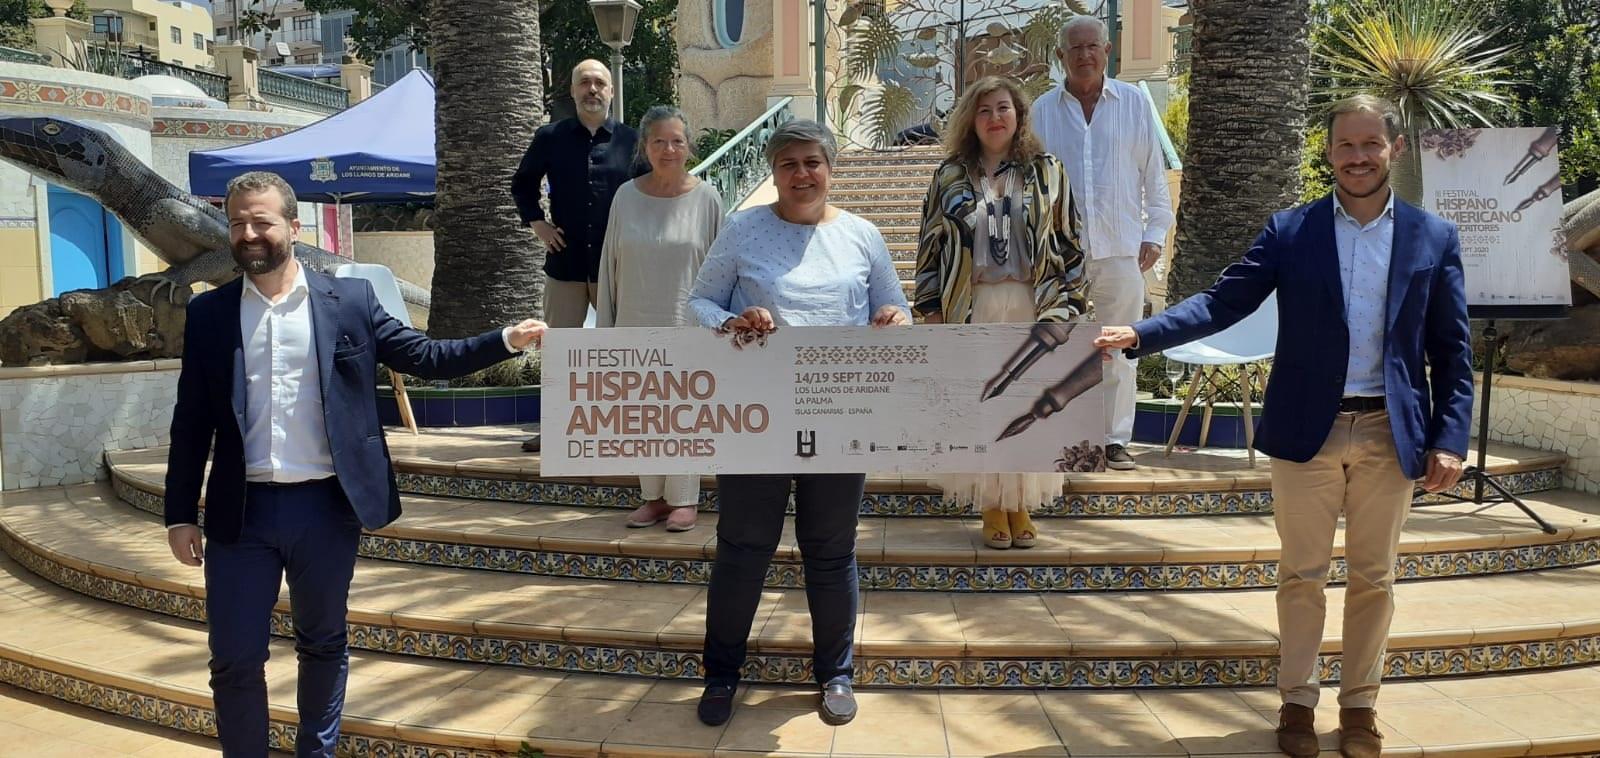 El III Festival Hispanoamericano de Escritores espera poder celebrarse en septiembre